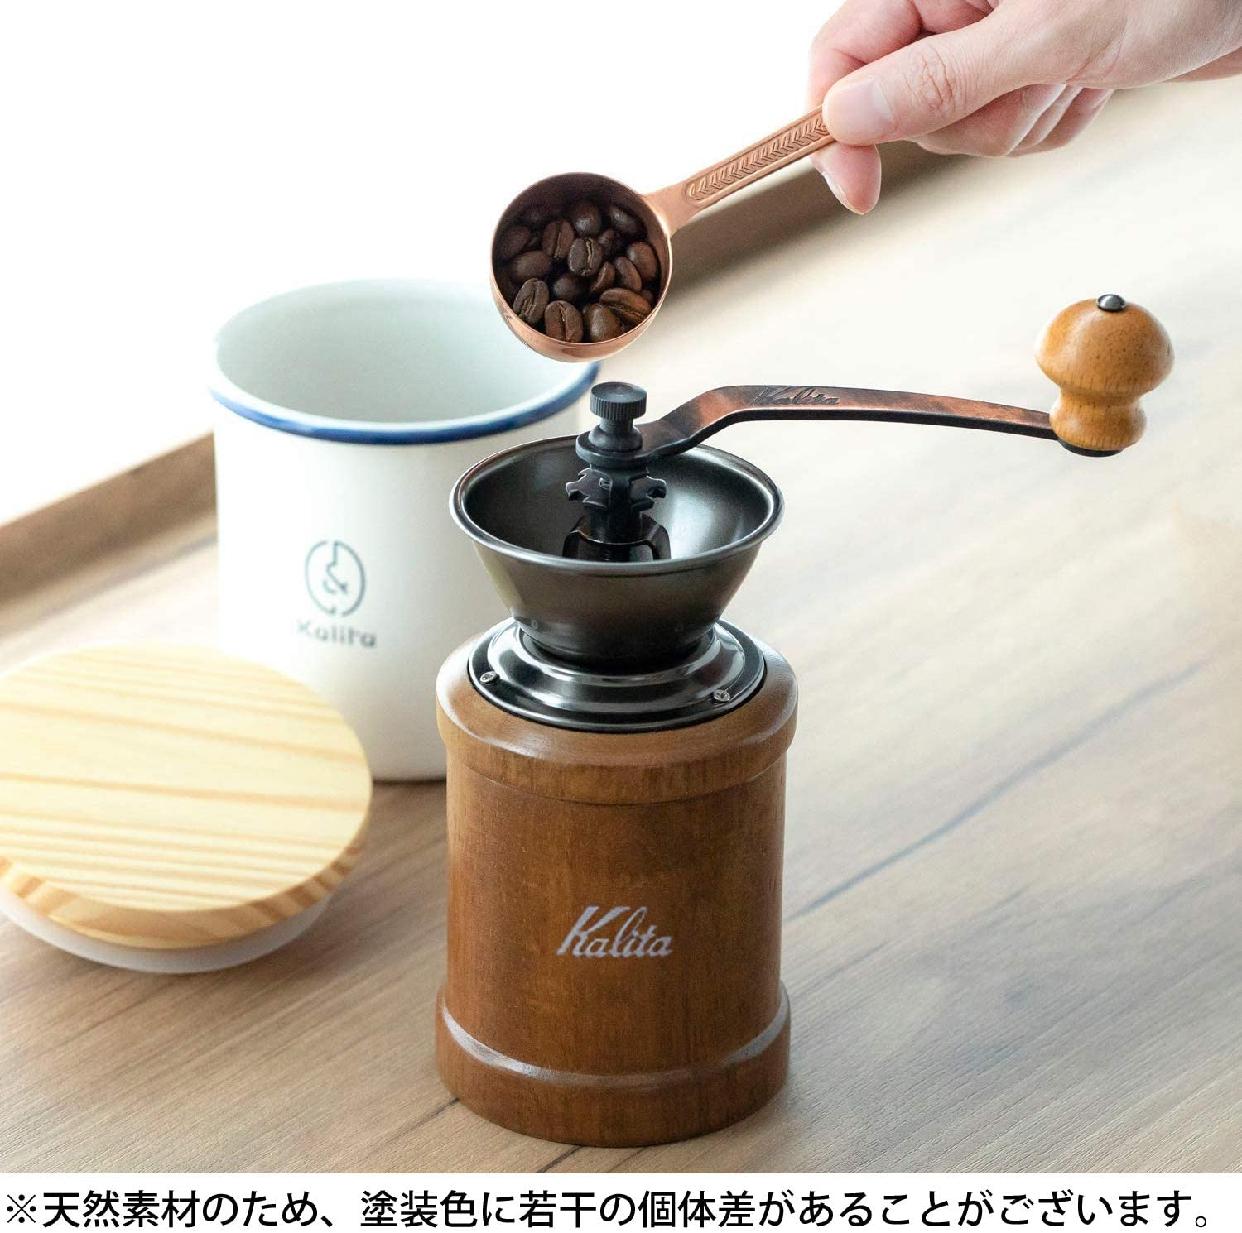 Kalita(カリタ) コーヒーミル KH-3BR #42078の商品画像2